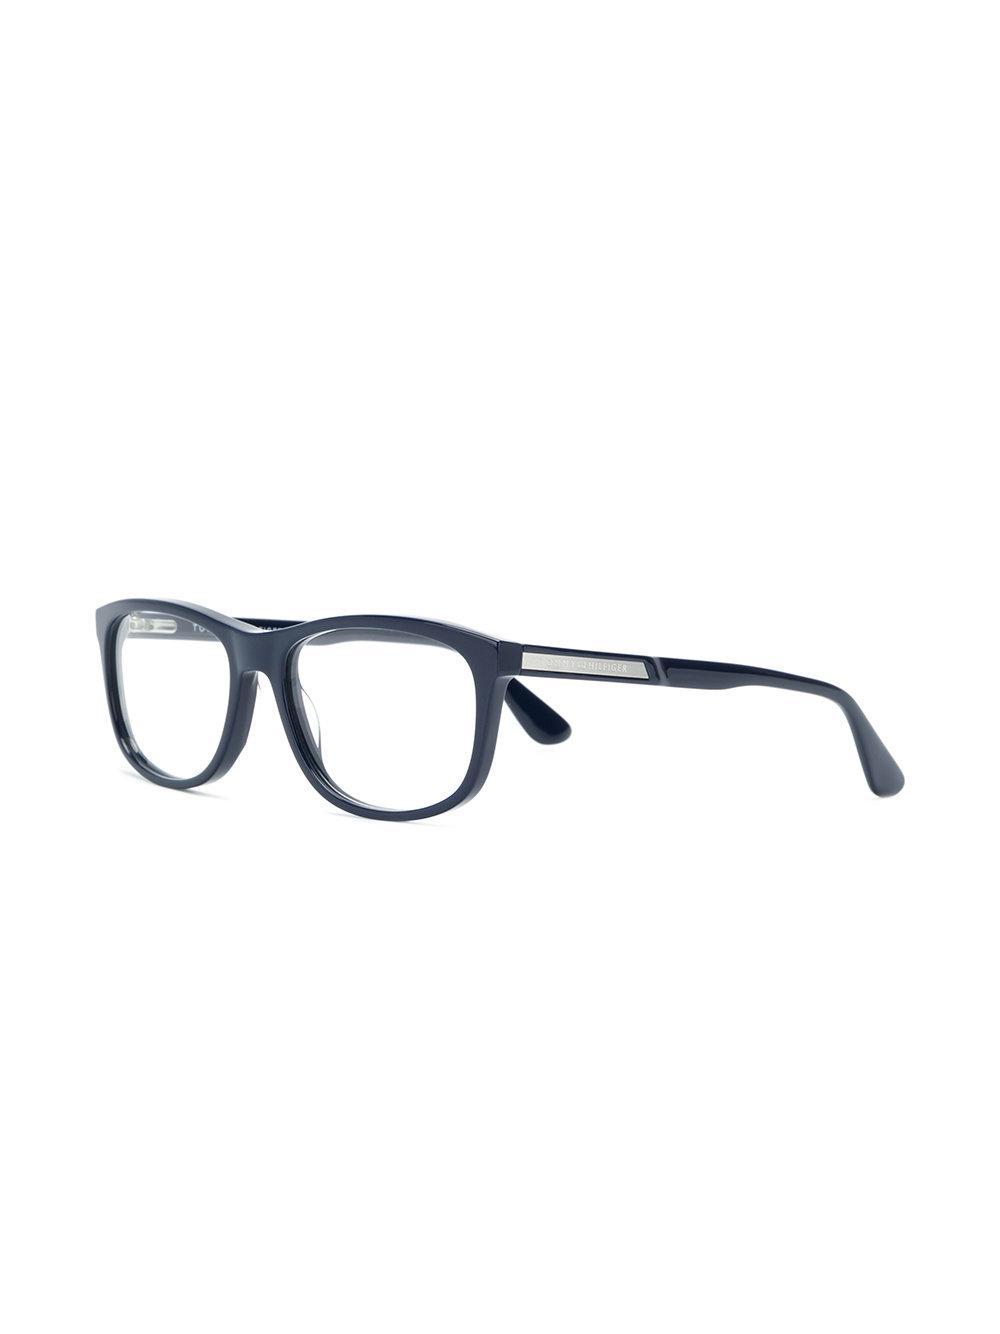 045170e591afb Lyst - Lunettes de vue à monture carrée Tommy Hilfiger pour homme en coloris  Bleu